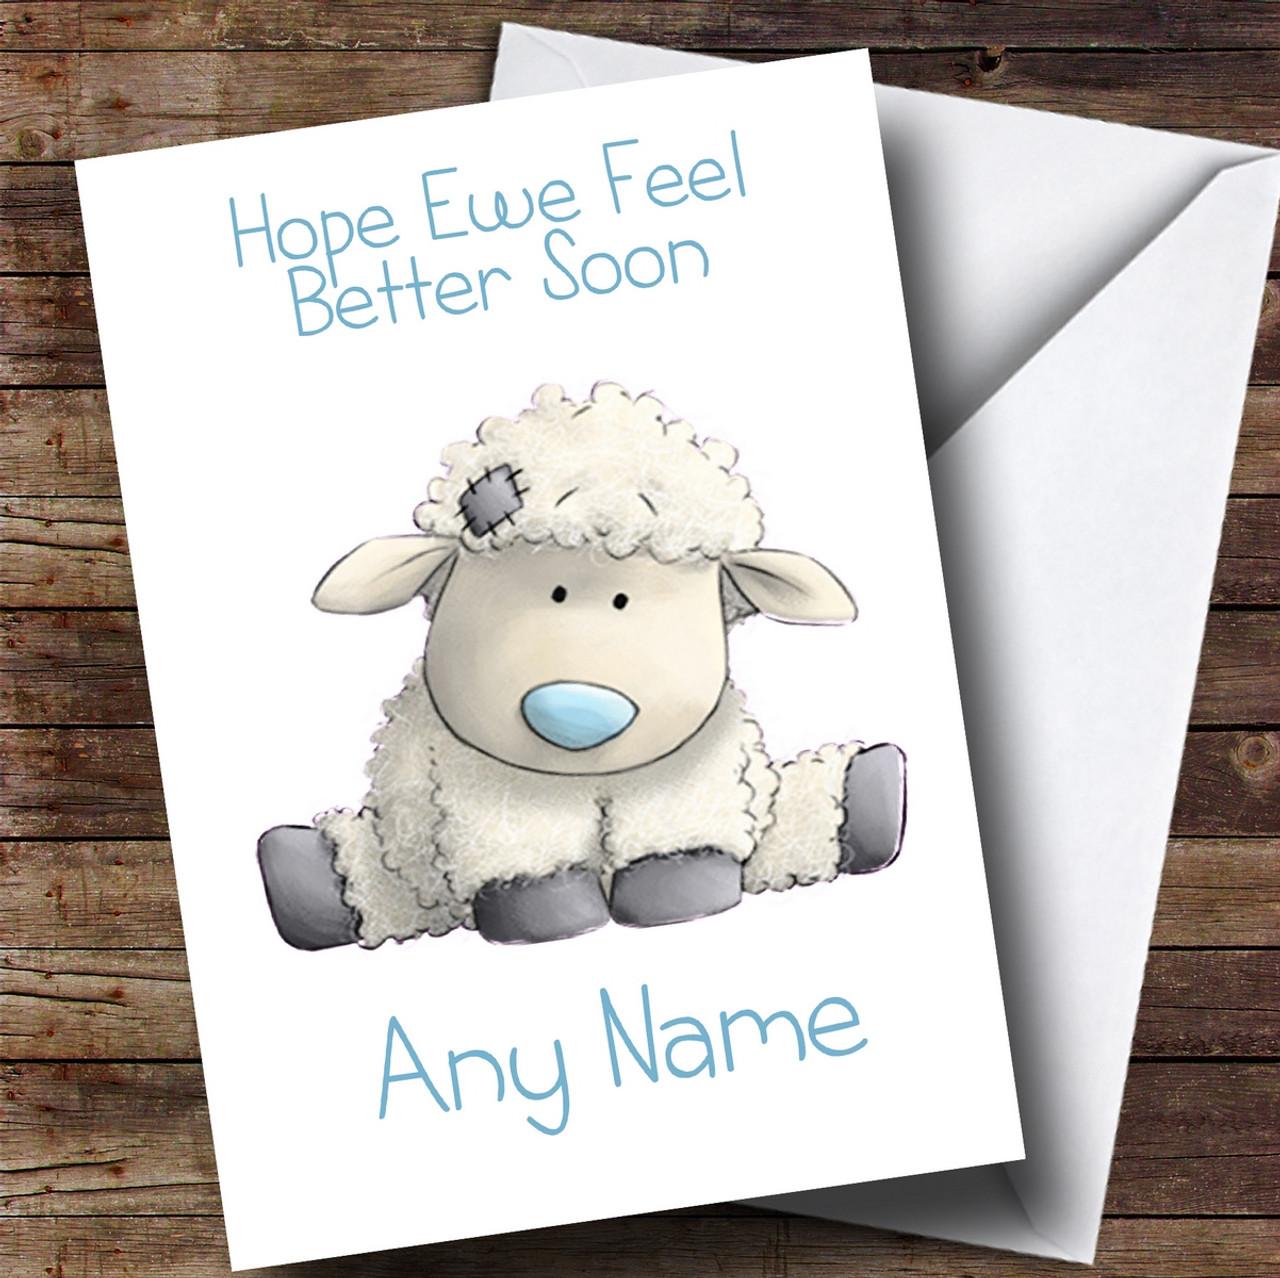 Personalised Hope Ewe Feel Better Get Well Soon Card